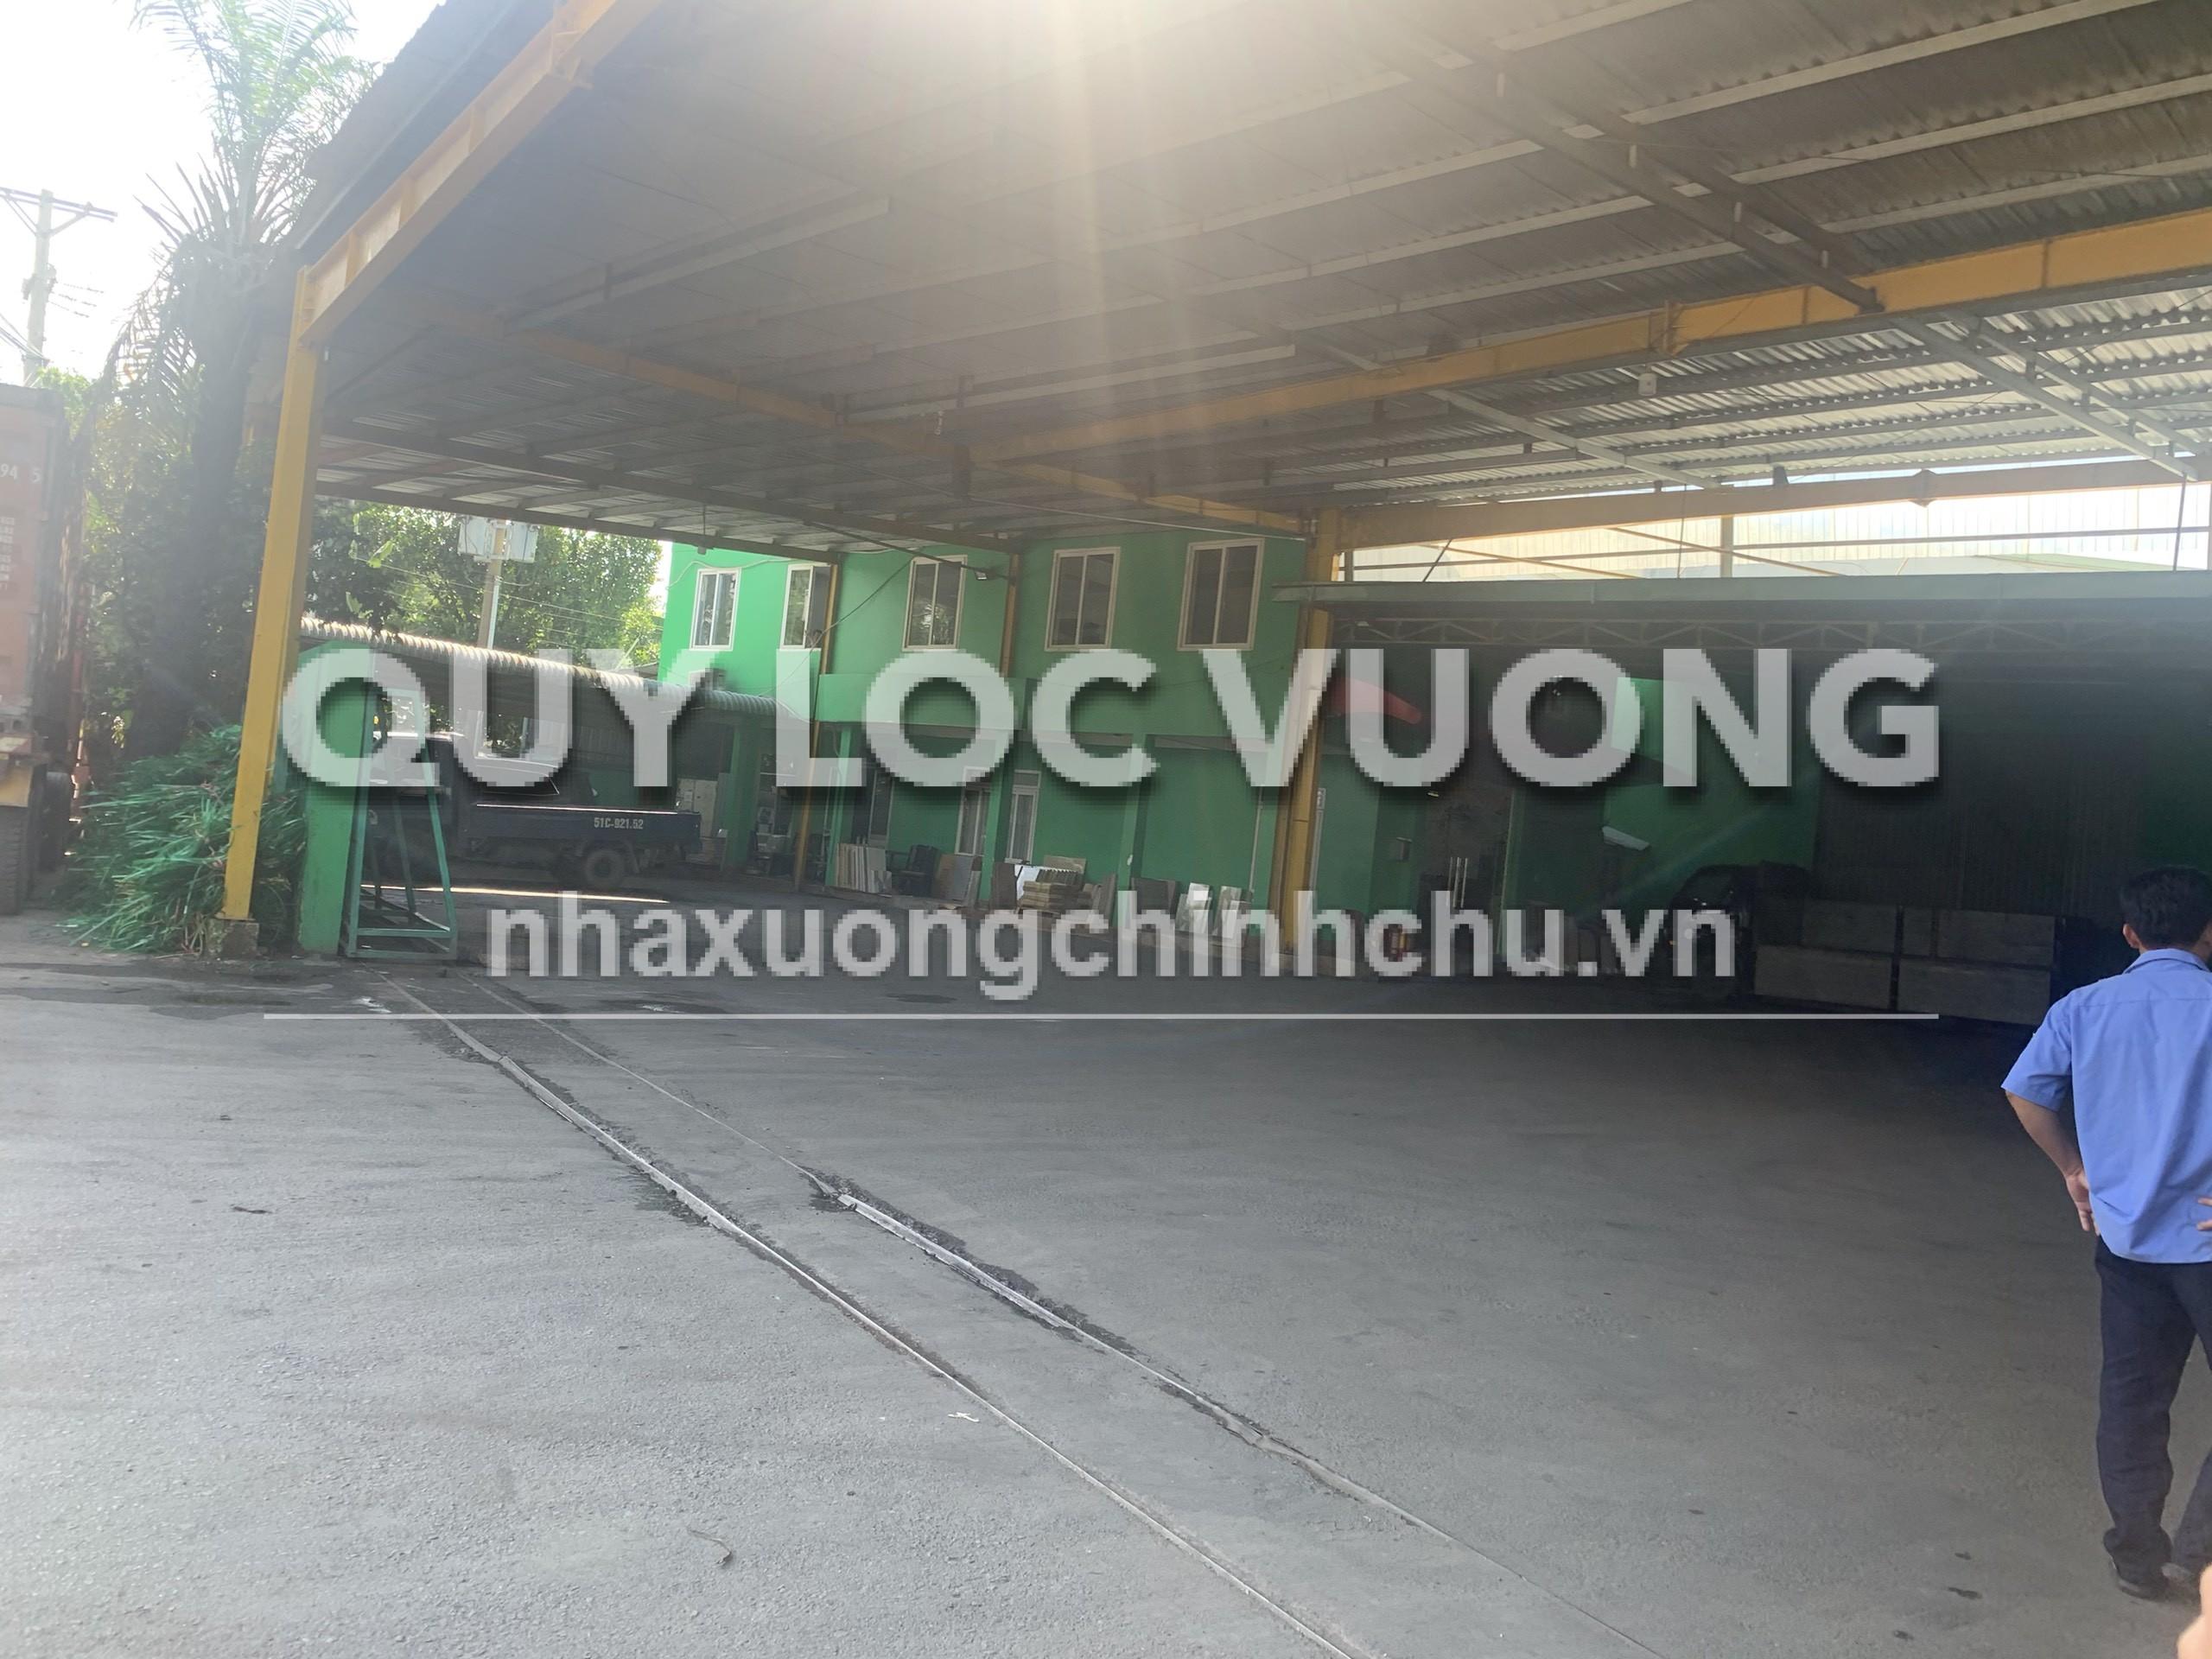 Bán xưởng khuôn viên 5.273m2 đường Thống Nhất phường Bình Thắng, Dĩ An, BD